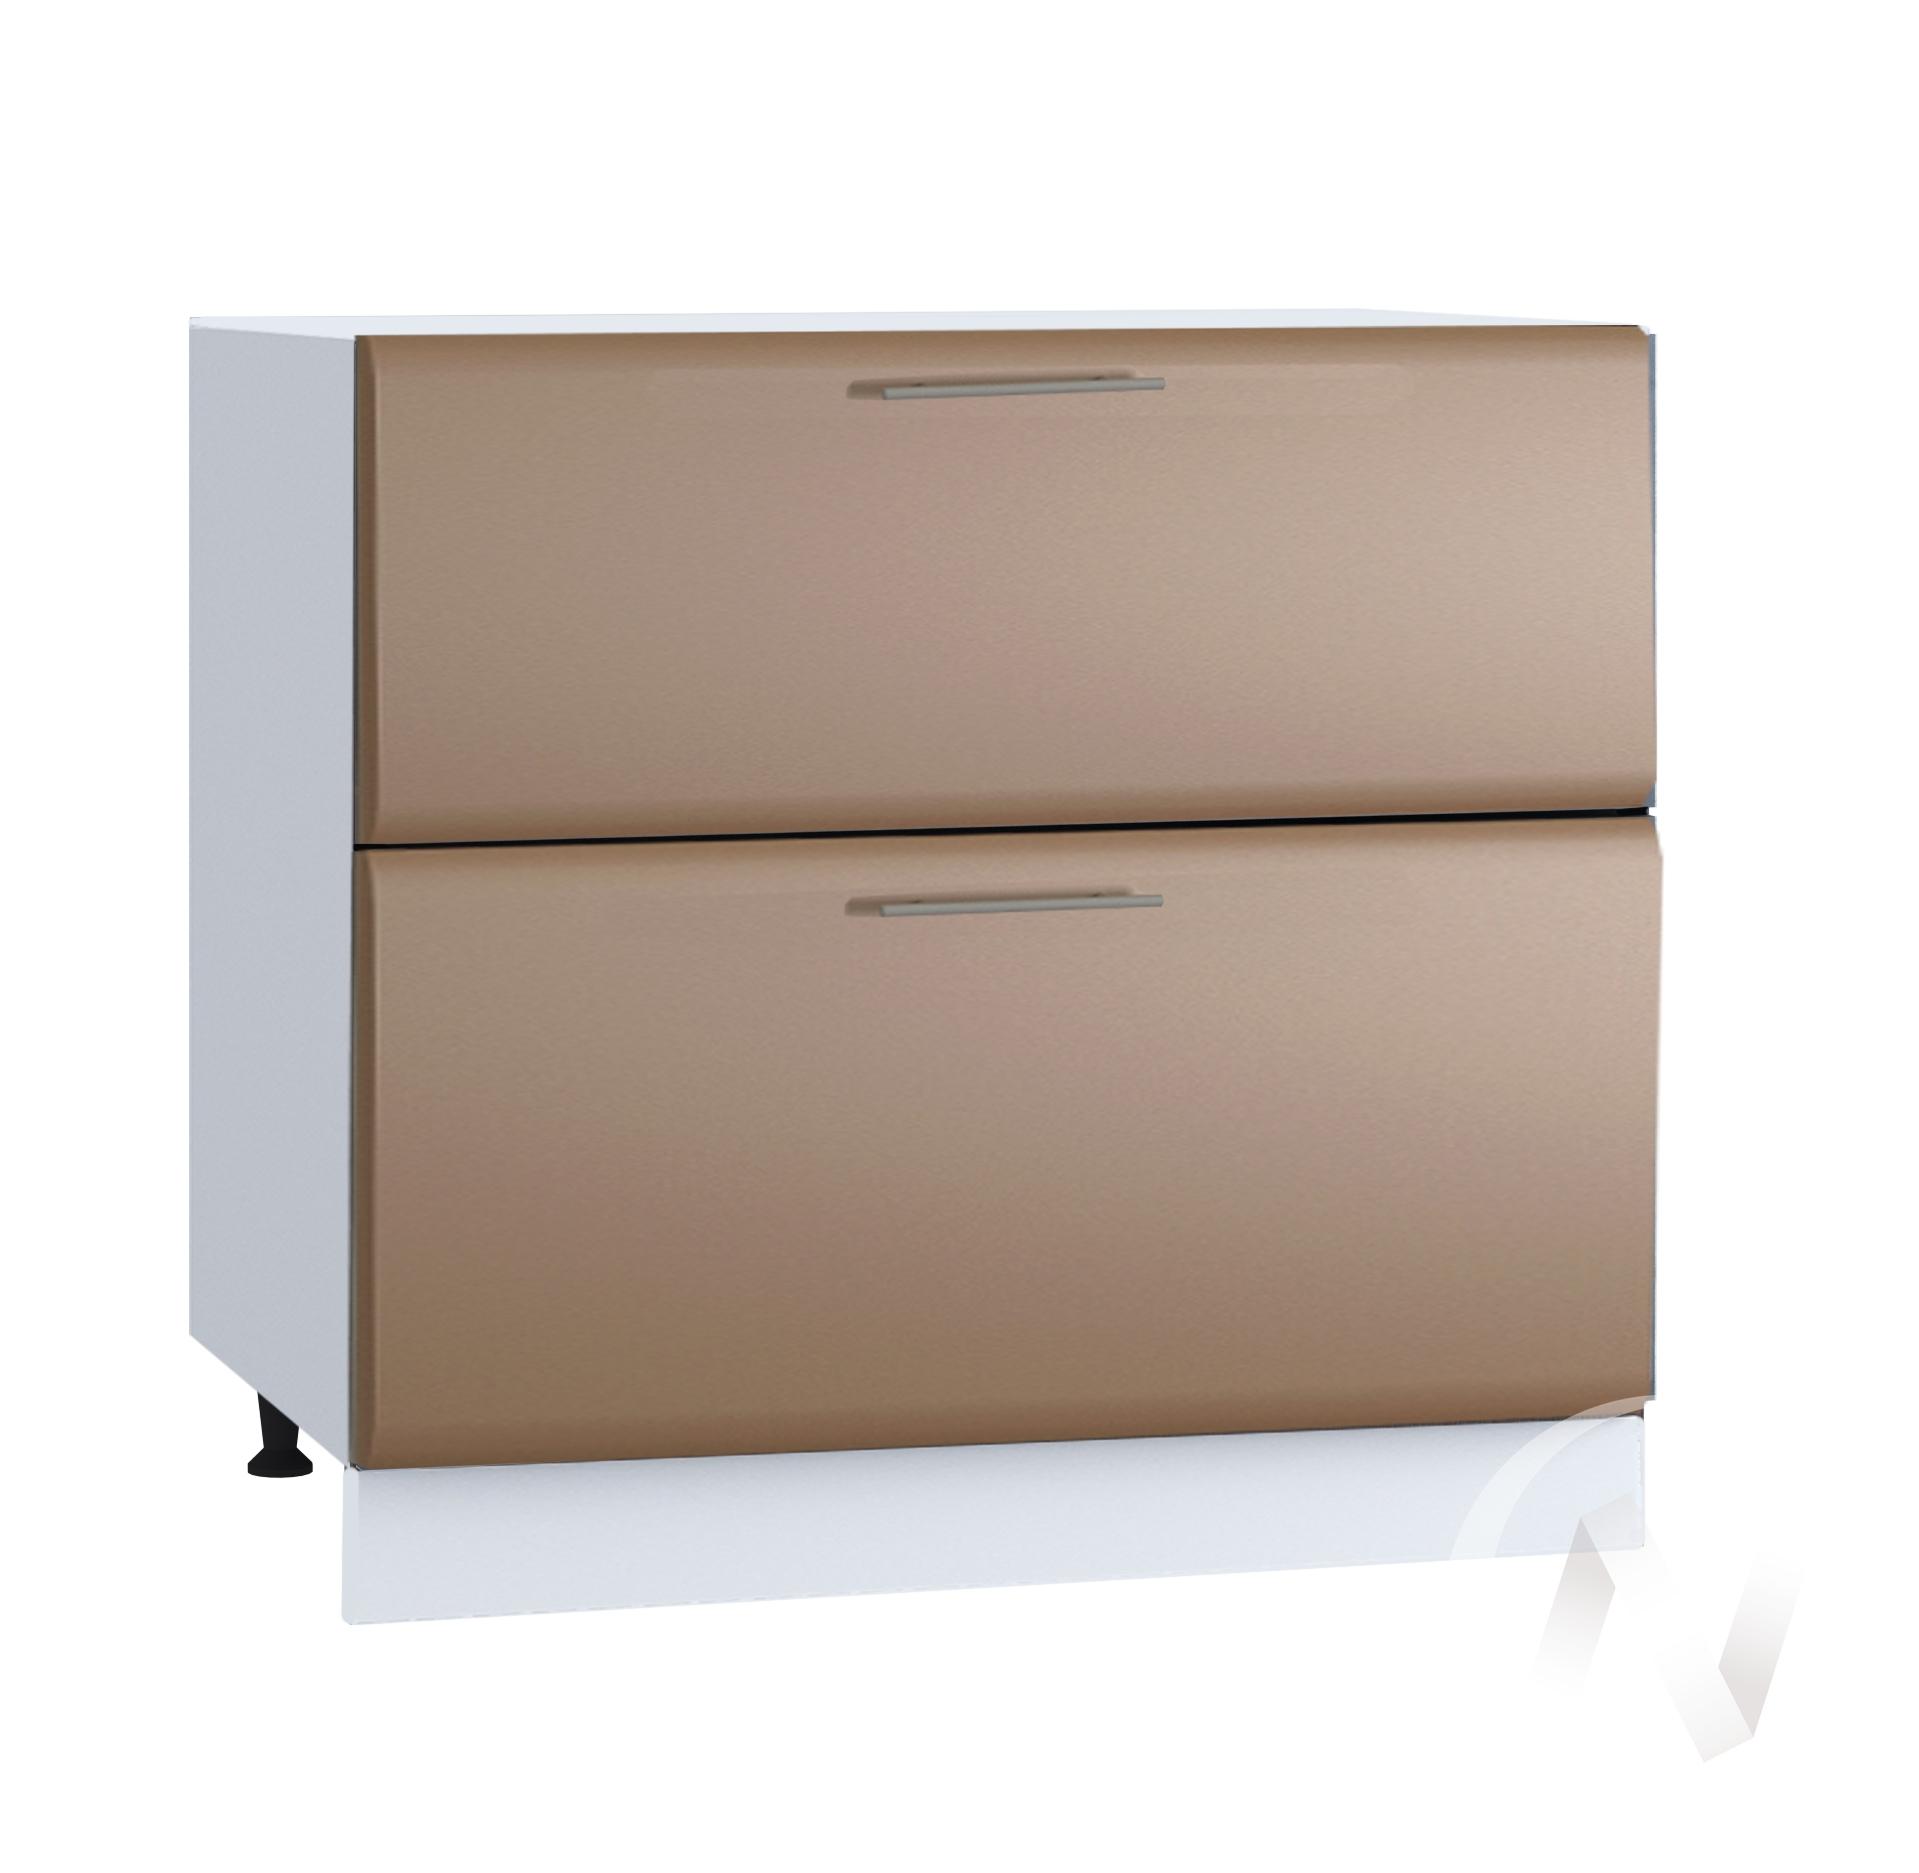 """Кухня """"Люкс"""": Шкаф нижний с 2-мя ящиками 800, ШН2Я 800 (Шоколад матовый/корпус белый)"""